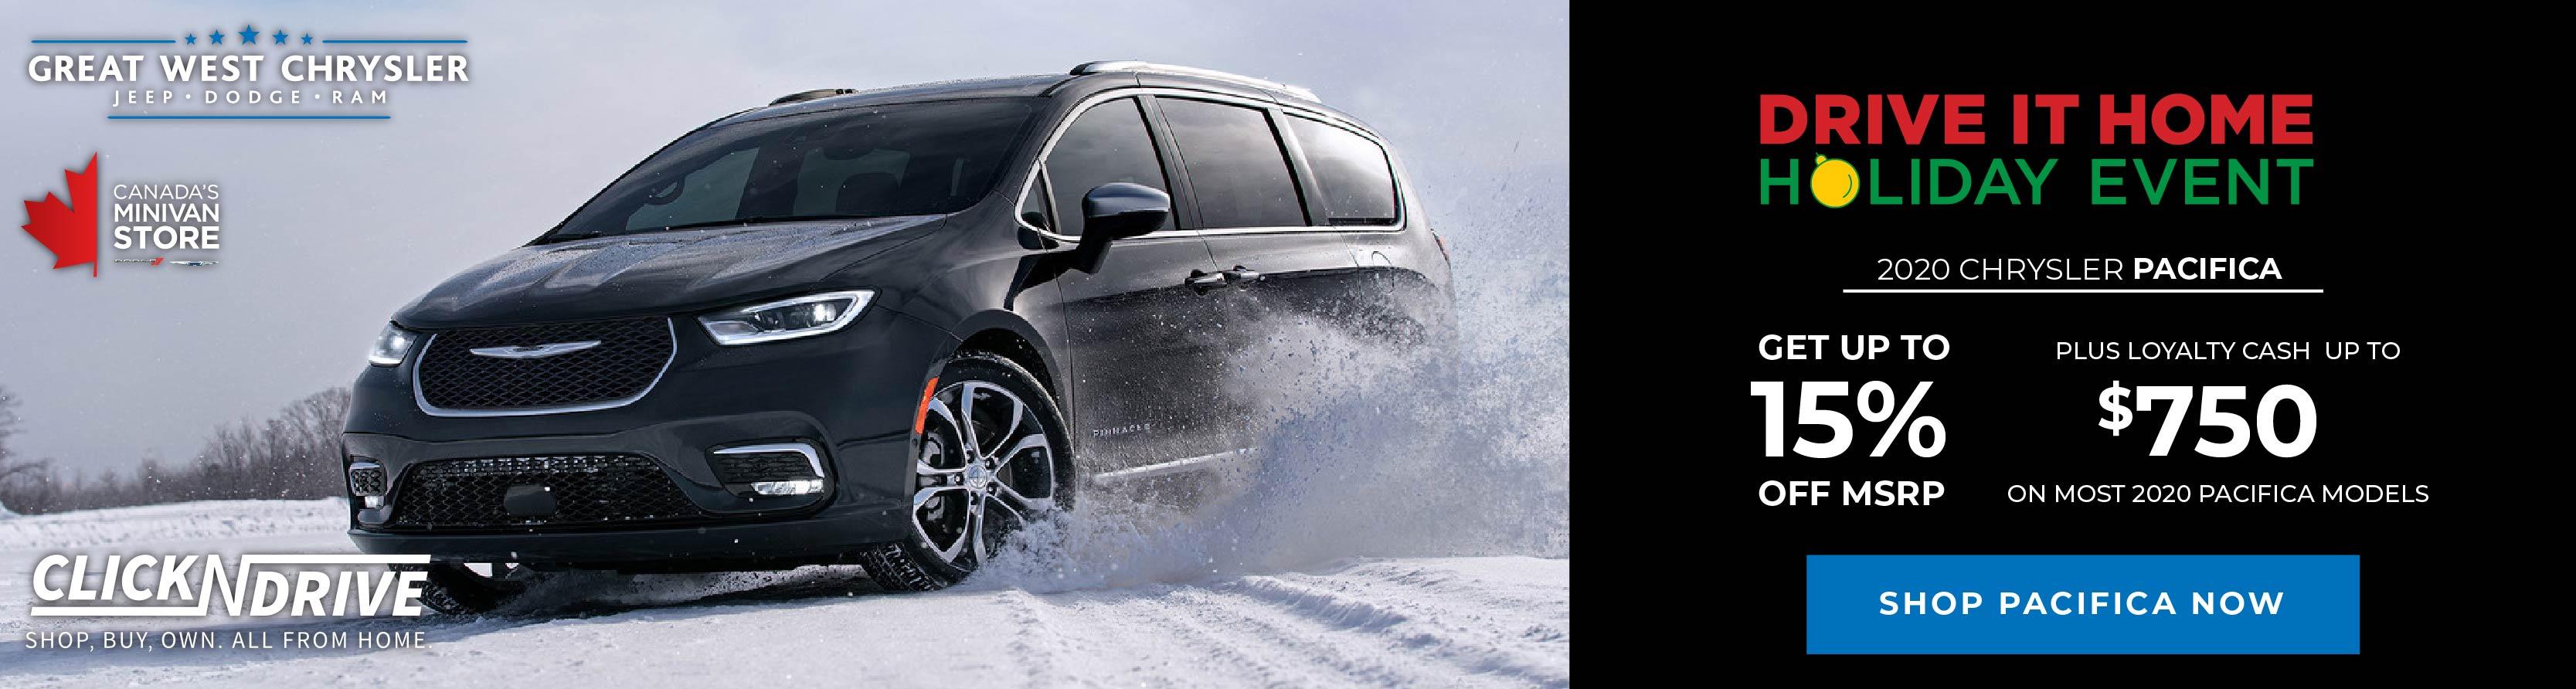 Chrysler Dealer in Edmonton, AB | Great West Chrysler